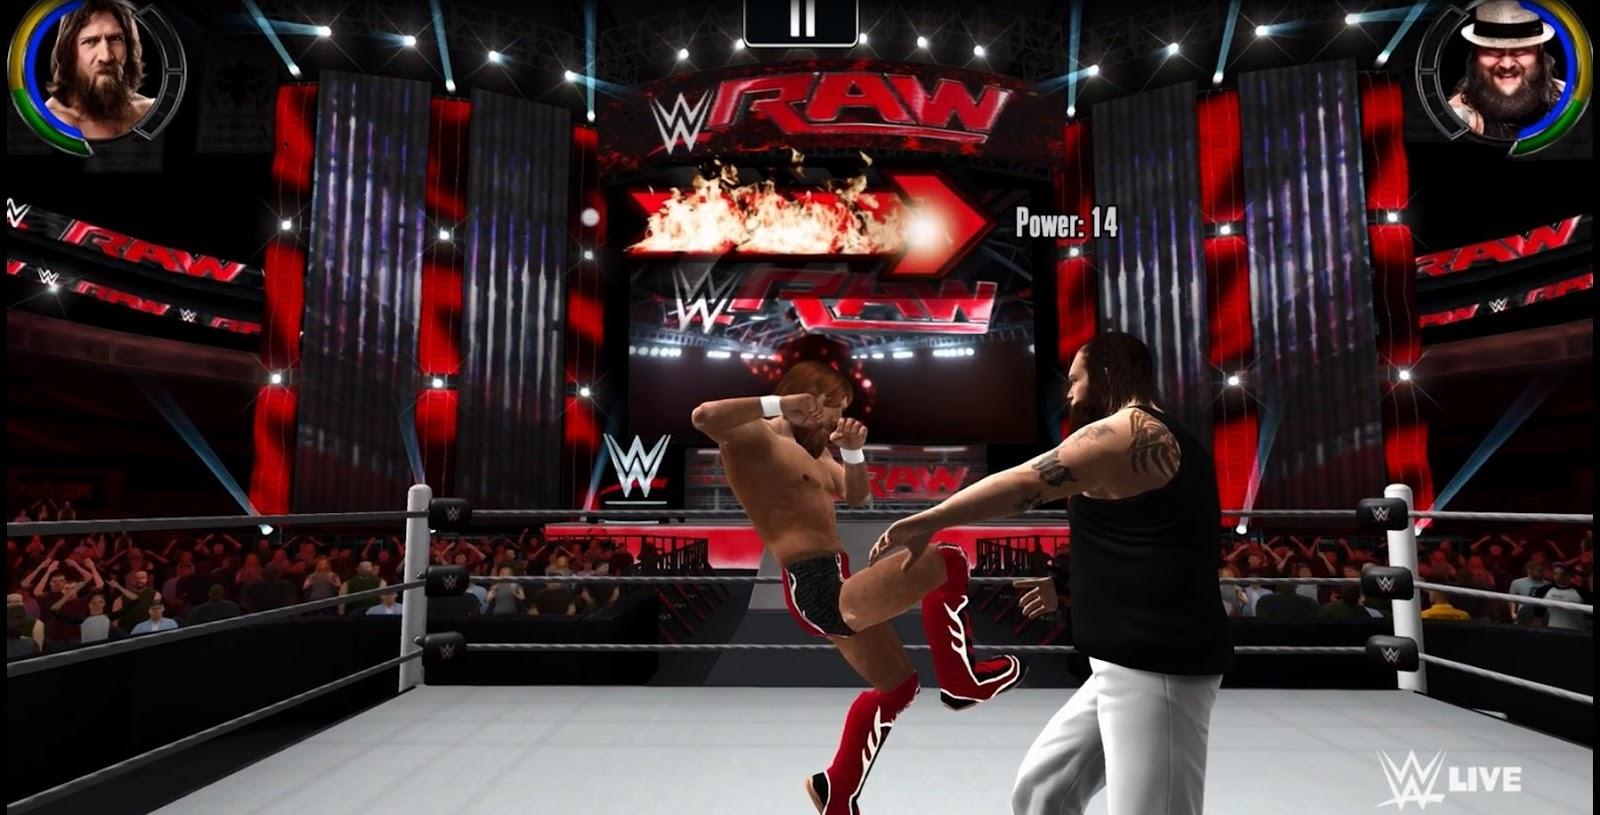 WWE 2K16 Full Repack + DLC Daily2k